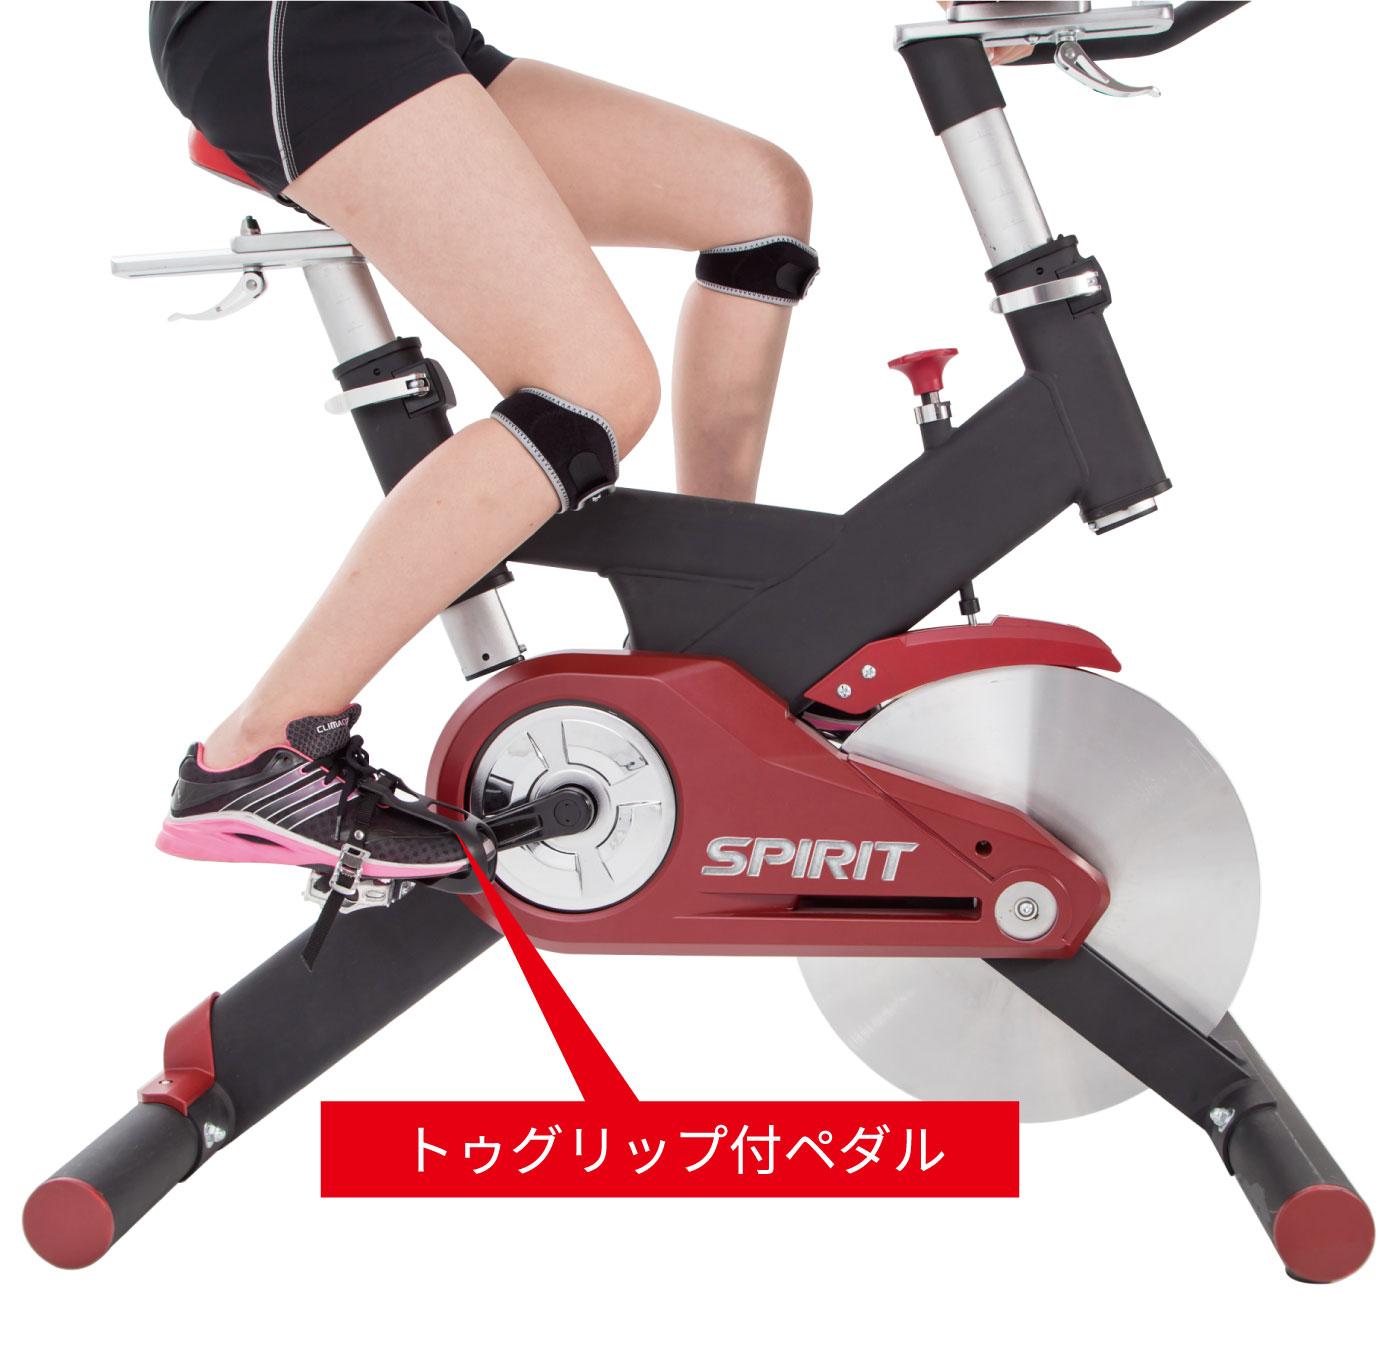 サイクルトレーニング用ペダル